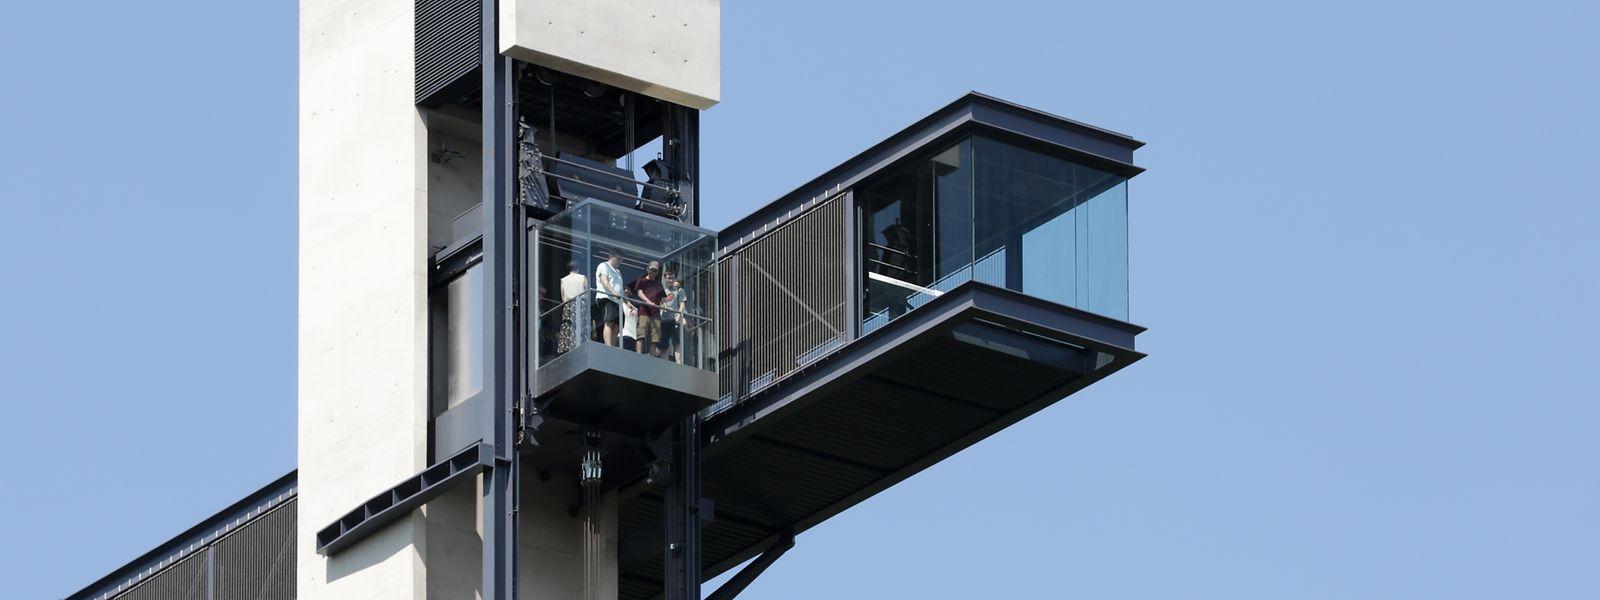 Der Pfaffenthal-Lift fährt täglich von 5.45 bis 1 Uhr, jeden ersten Montag im Monat bleibt er wegen Wartungsarbeiten geschlossen. Die Nutzung ist kostenlos.